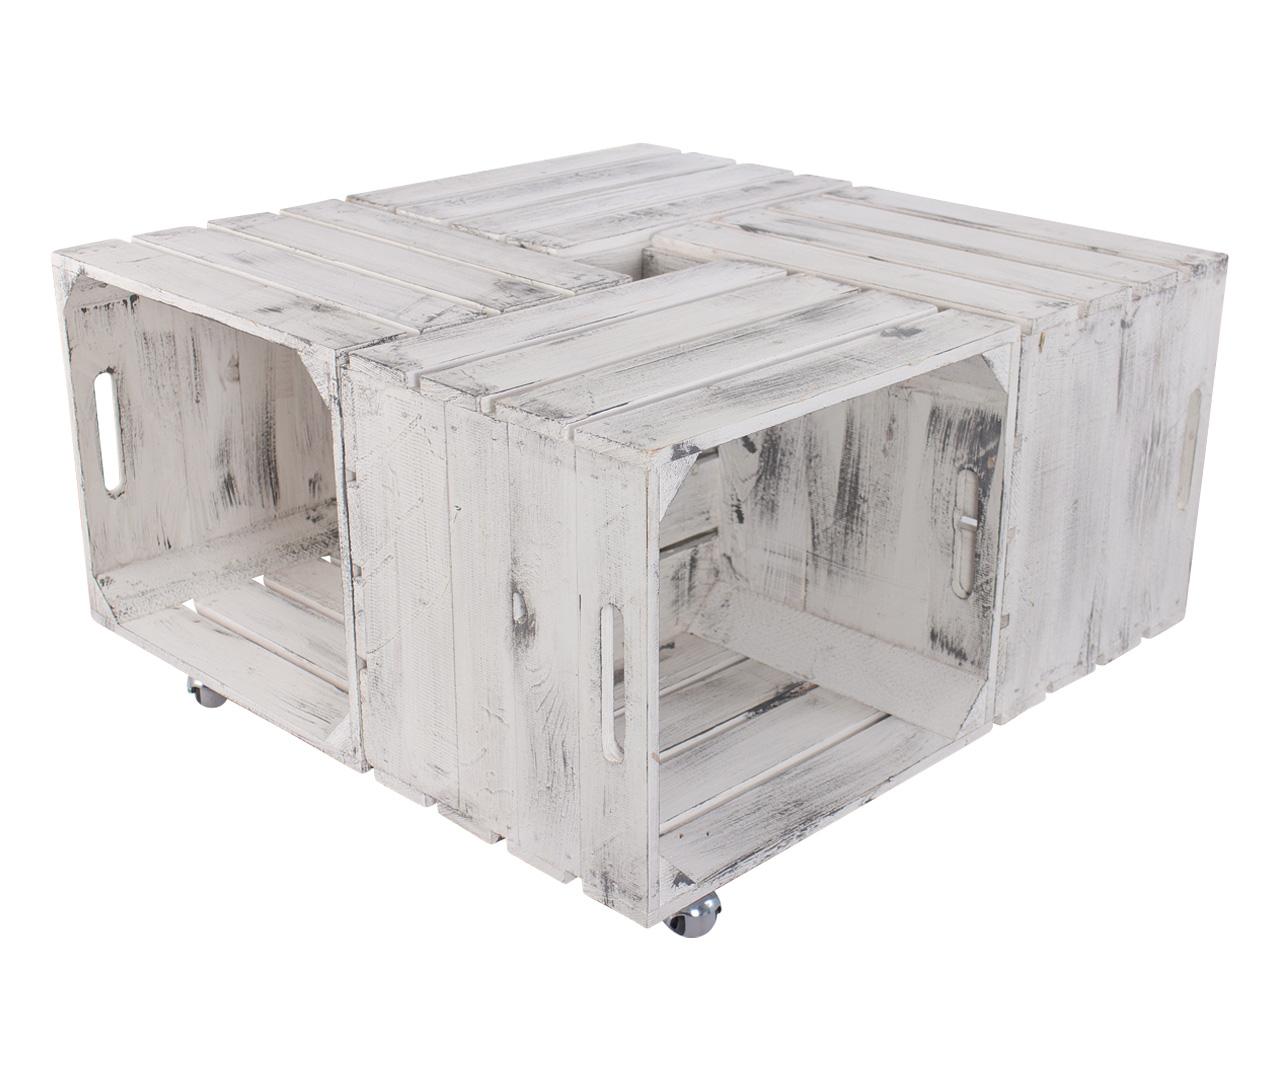 Couchtisch aus Kallax Kisten im Shabby look 72,5x72,5x37cm